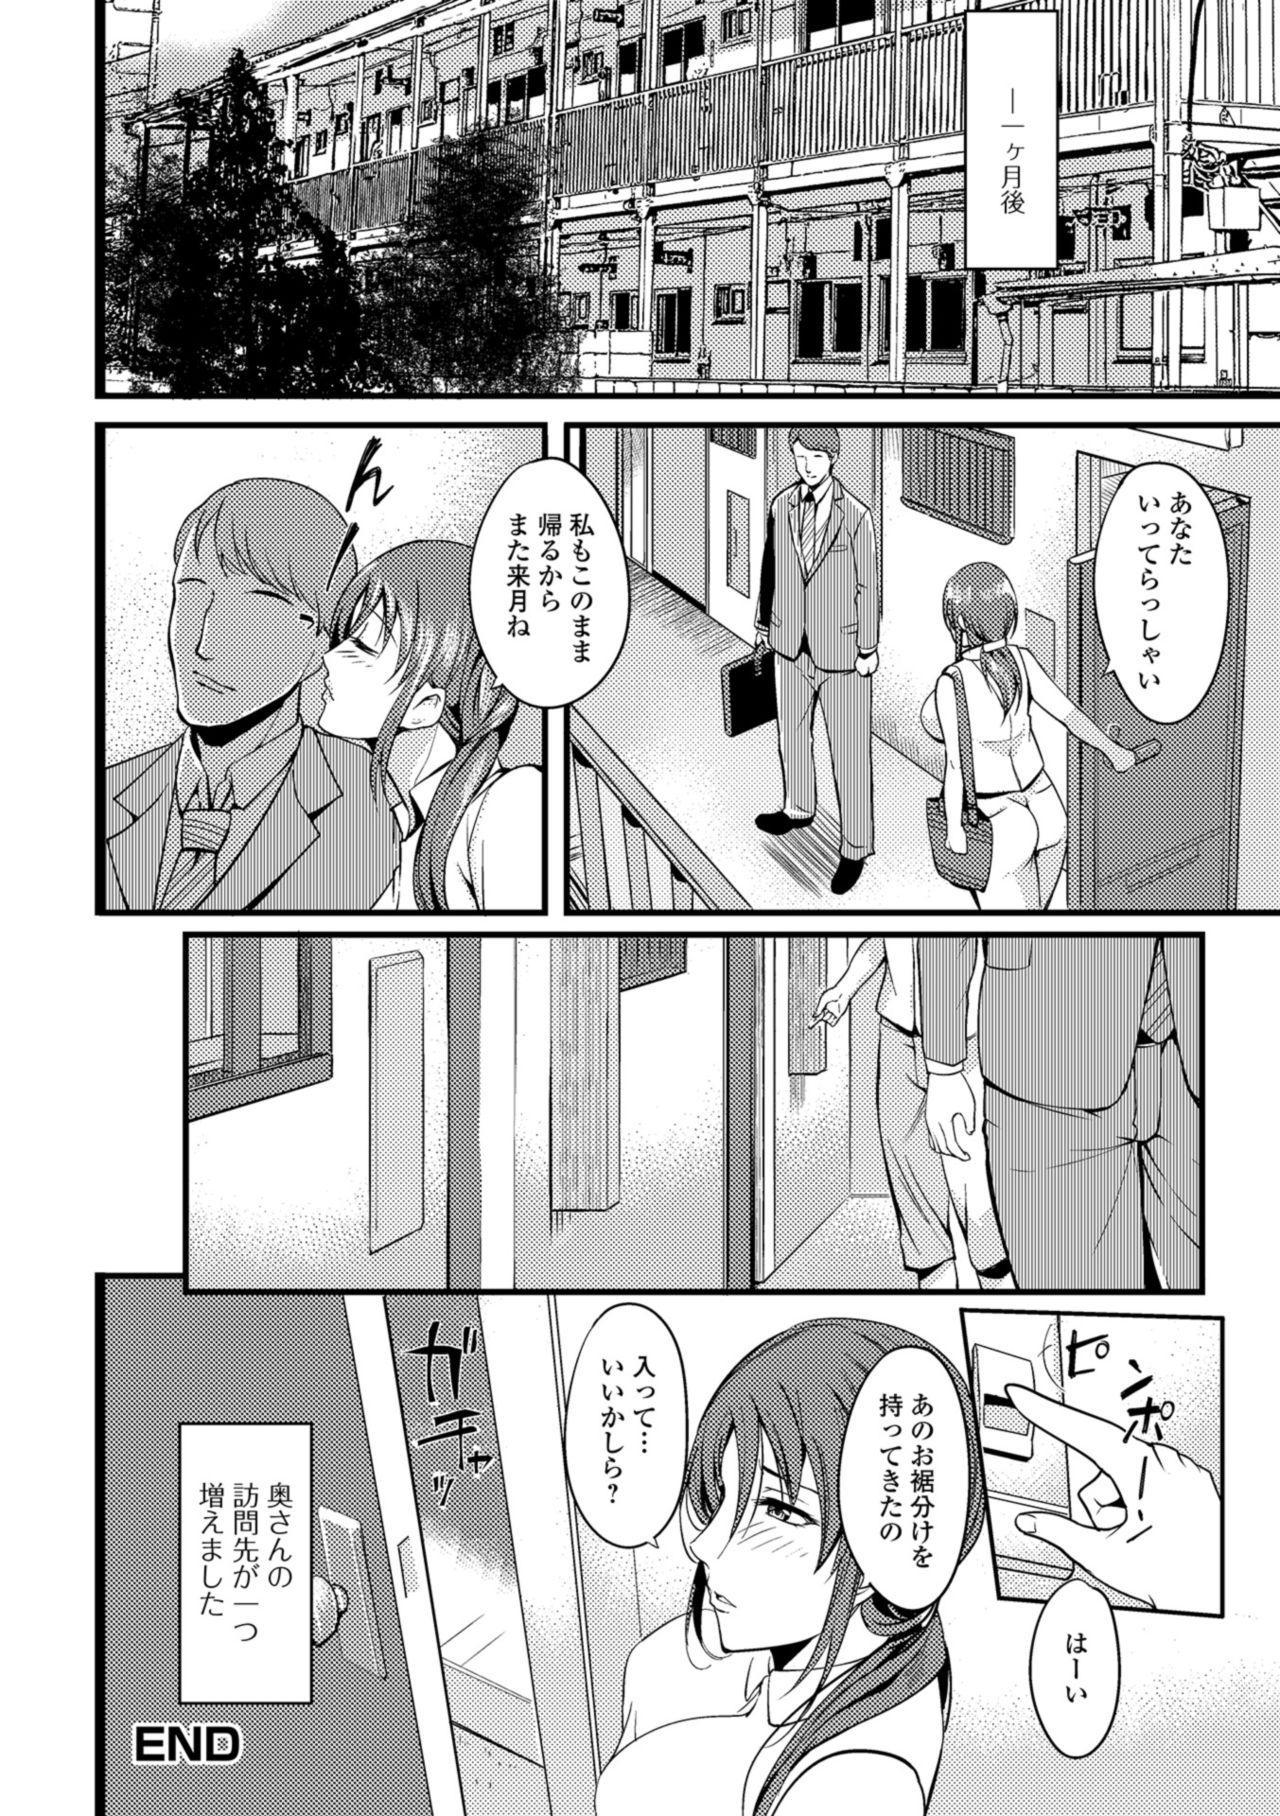 Oku-san ga Shiranai Kairaku 129